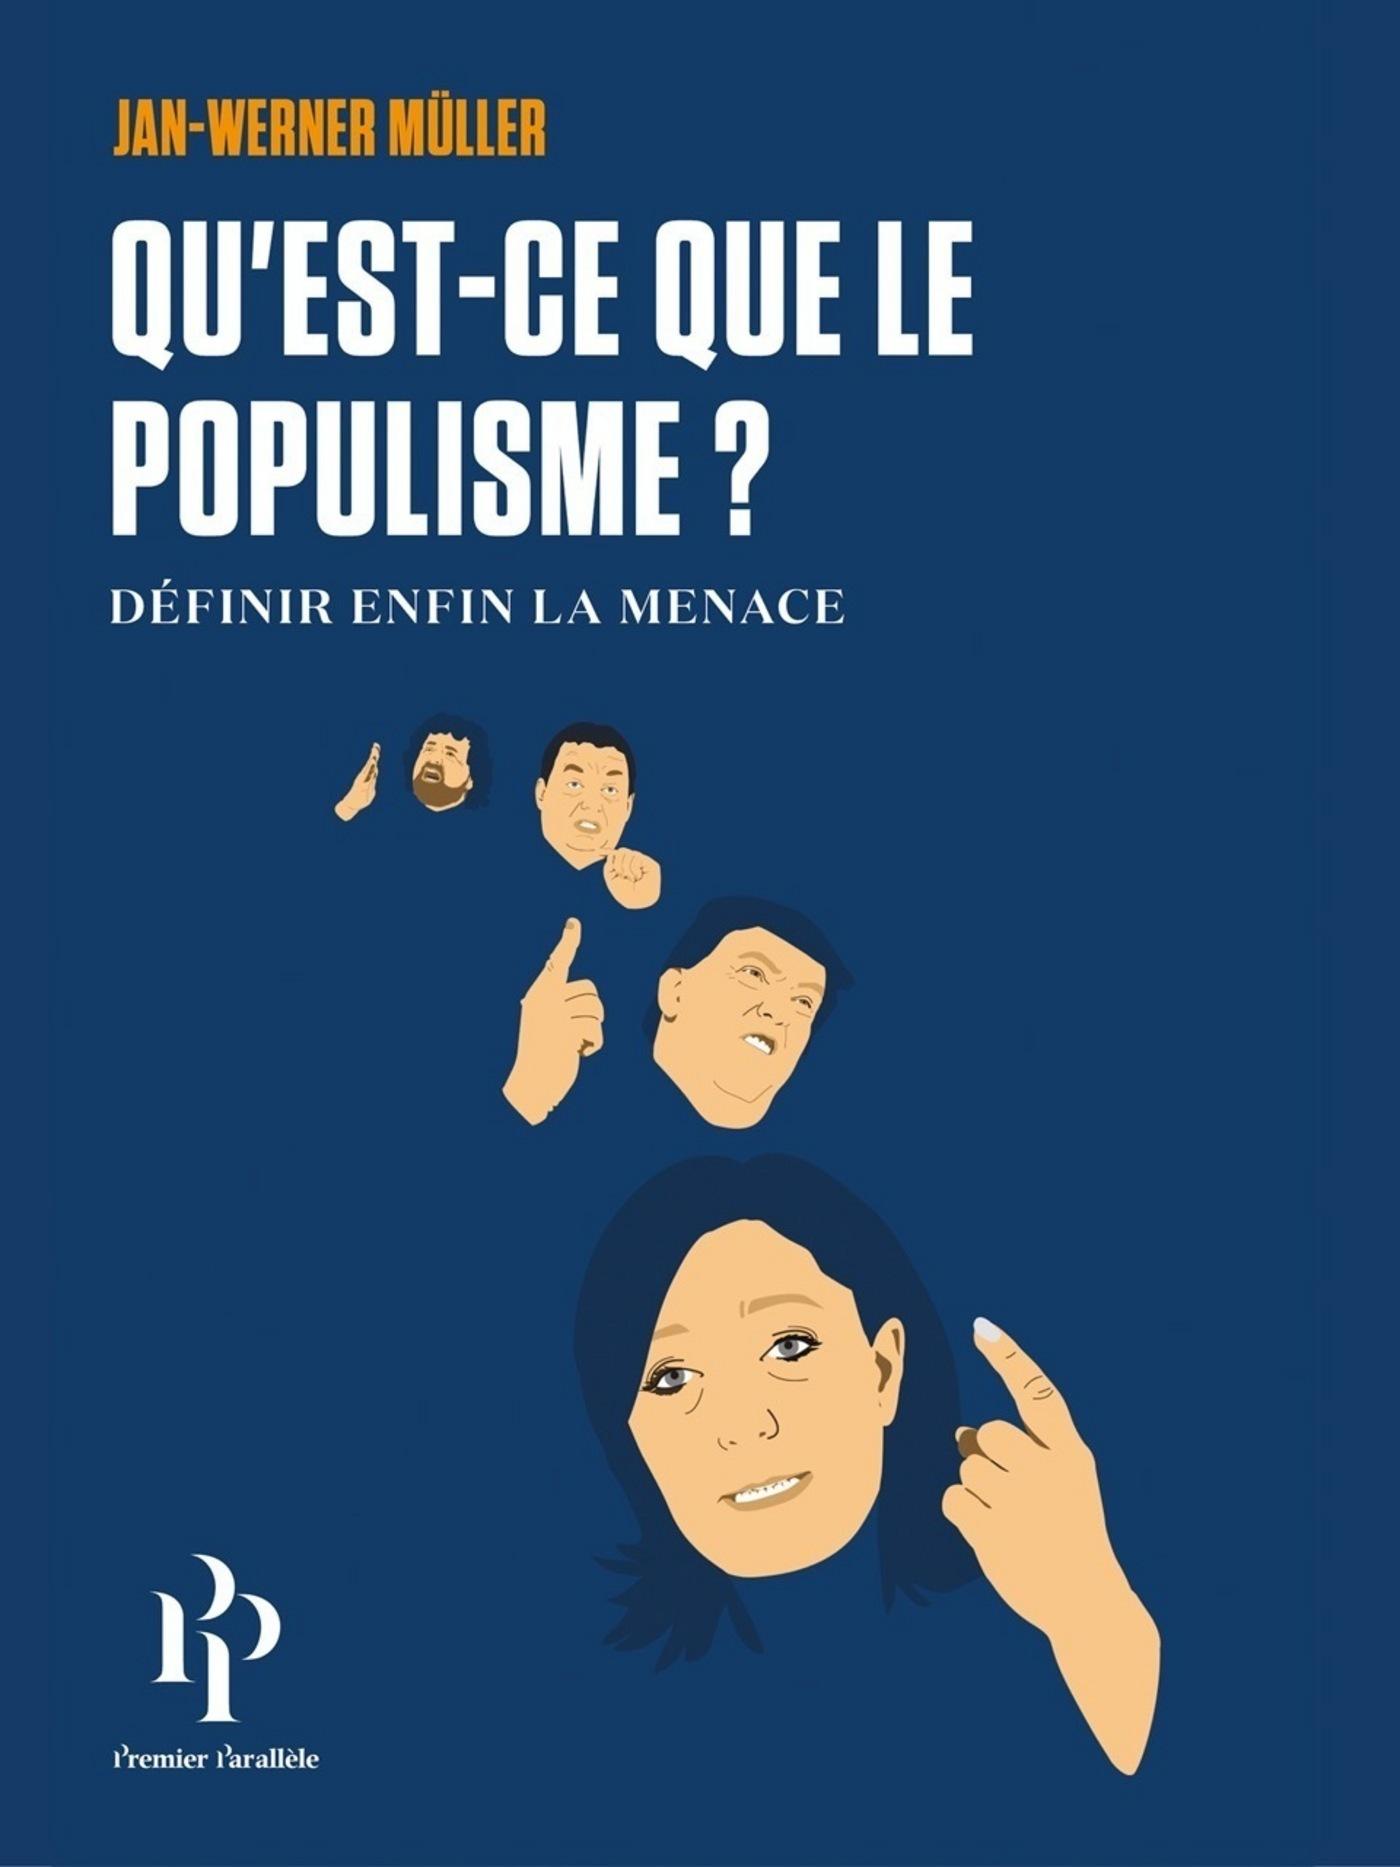 Qu'est-ce que le populisme? Définir enfin la menace., DÉFINIR ENFIN LA MENACE